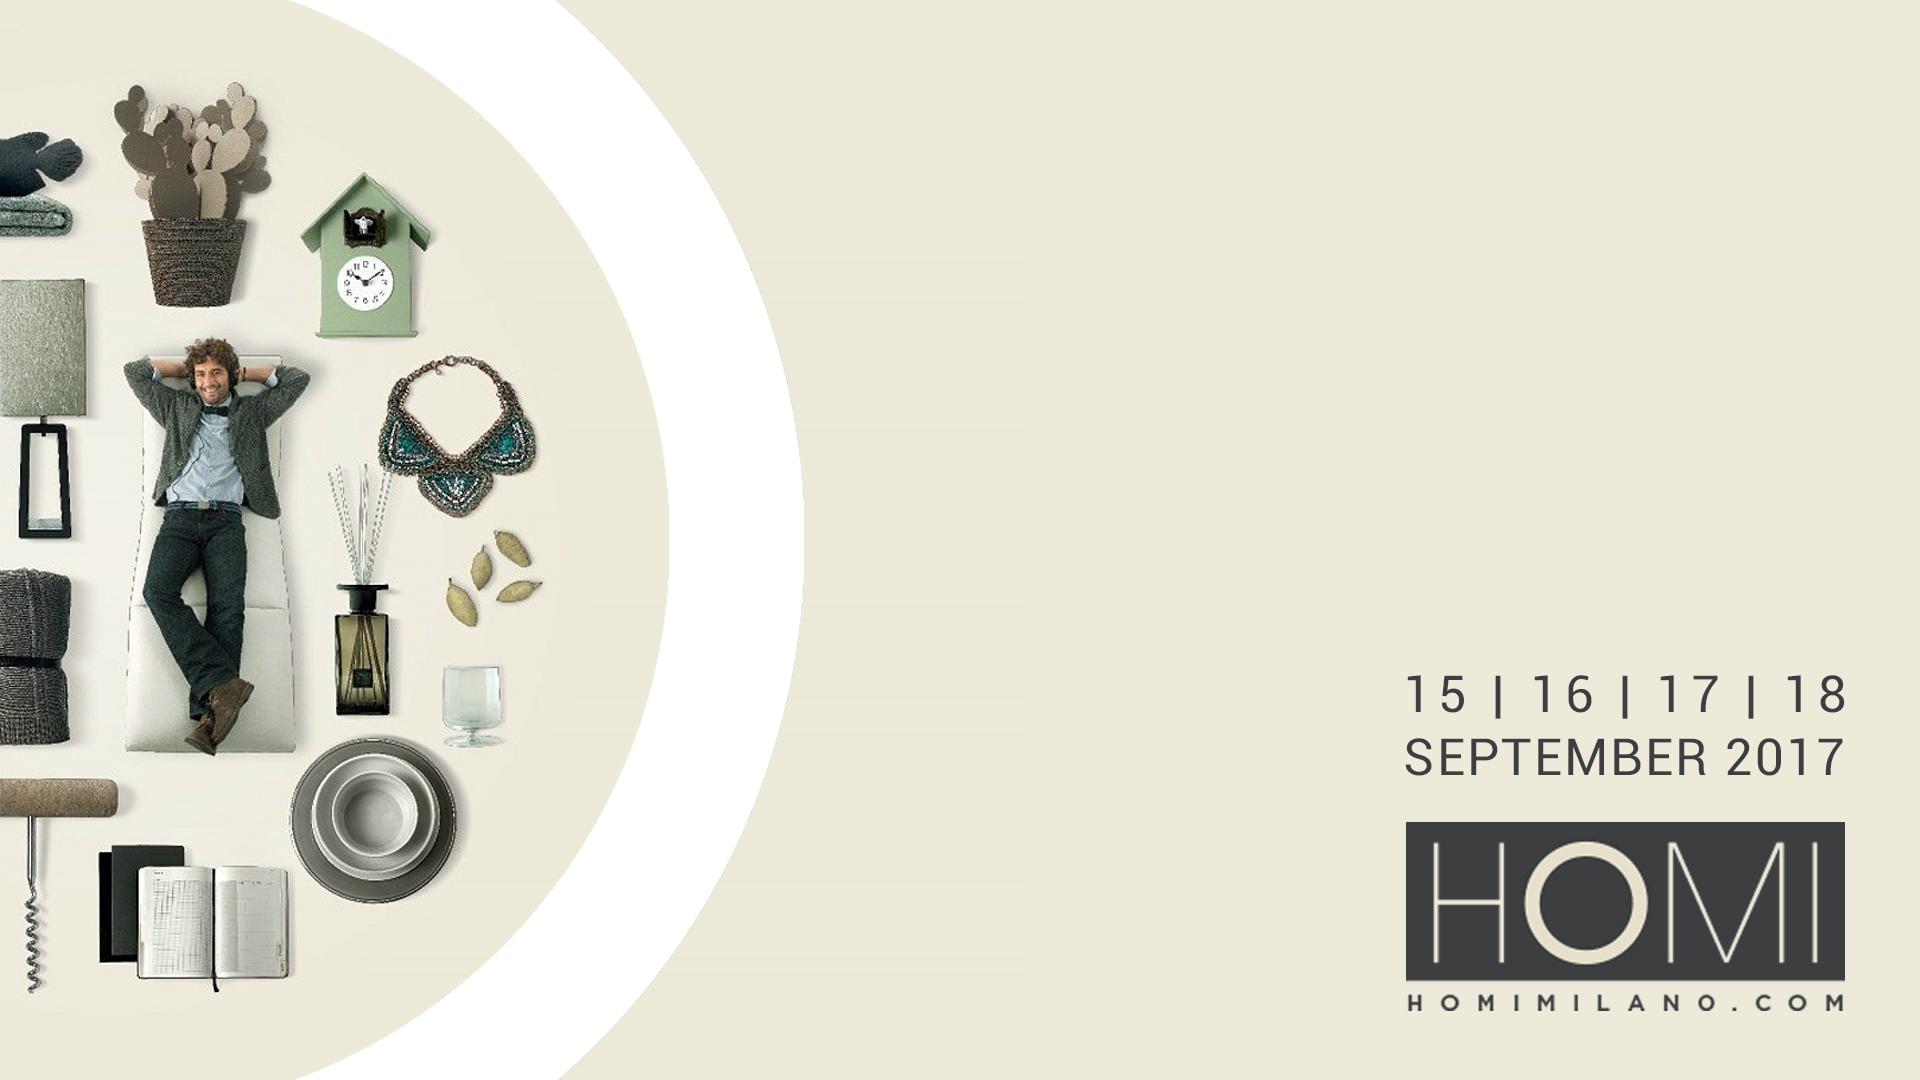 Locandina di presentazione della fiera Homi che si terrà a Milano dal 15 al 18 Settembre 2017.